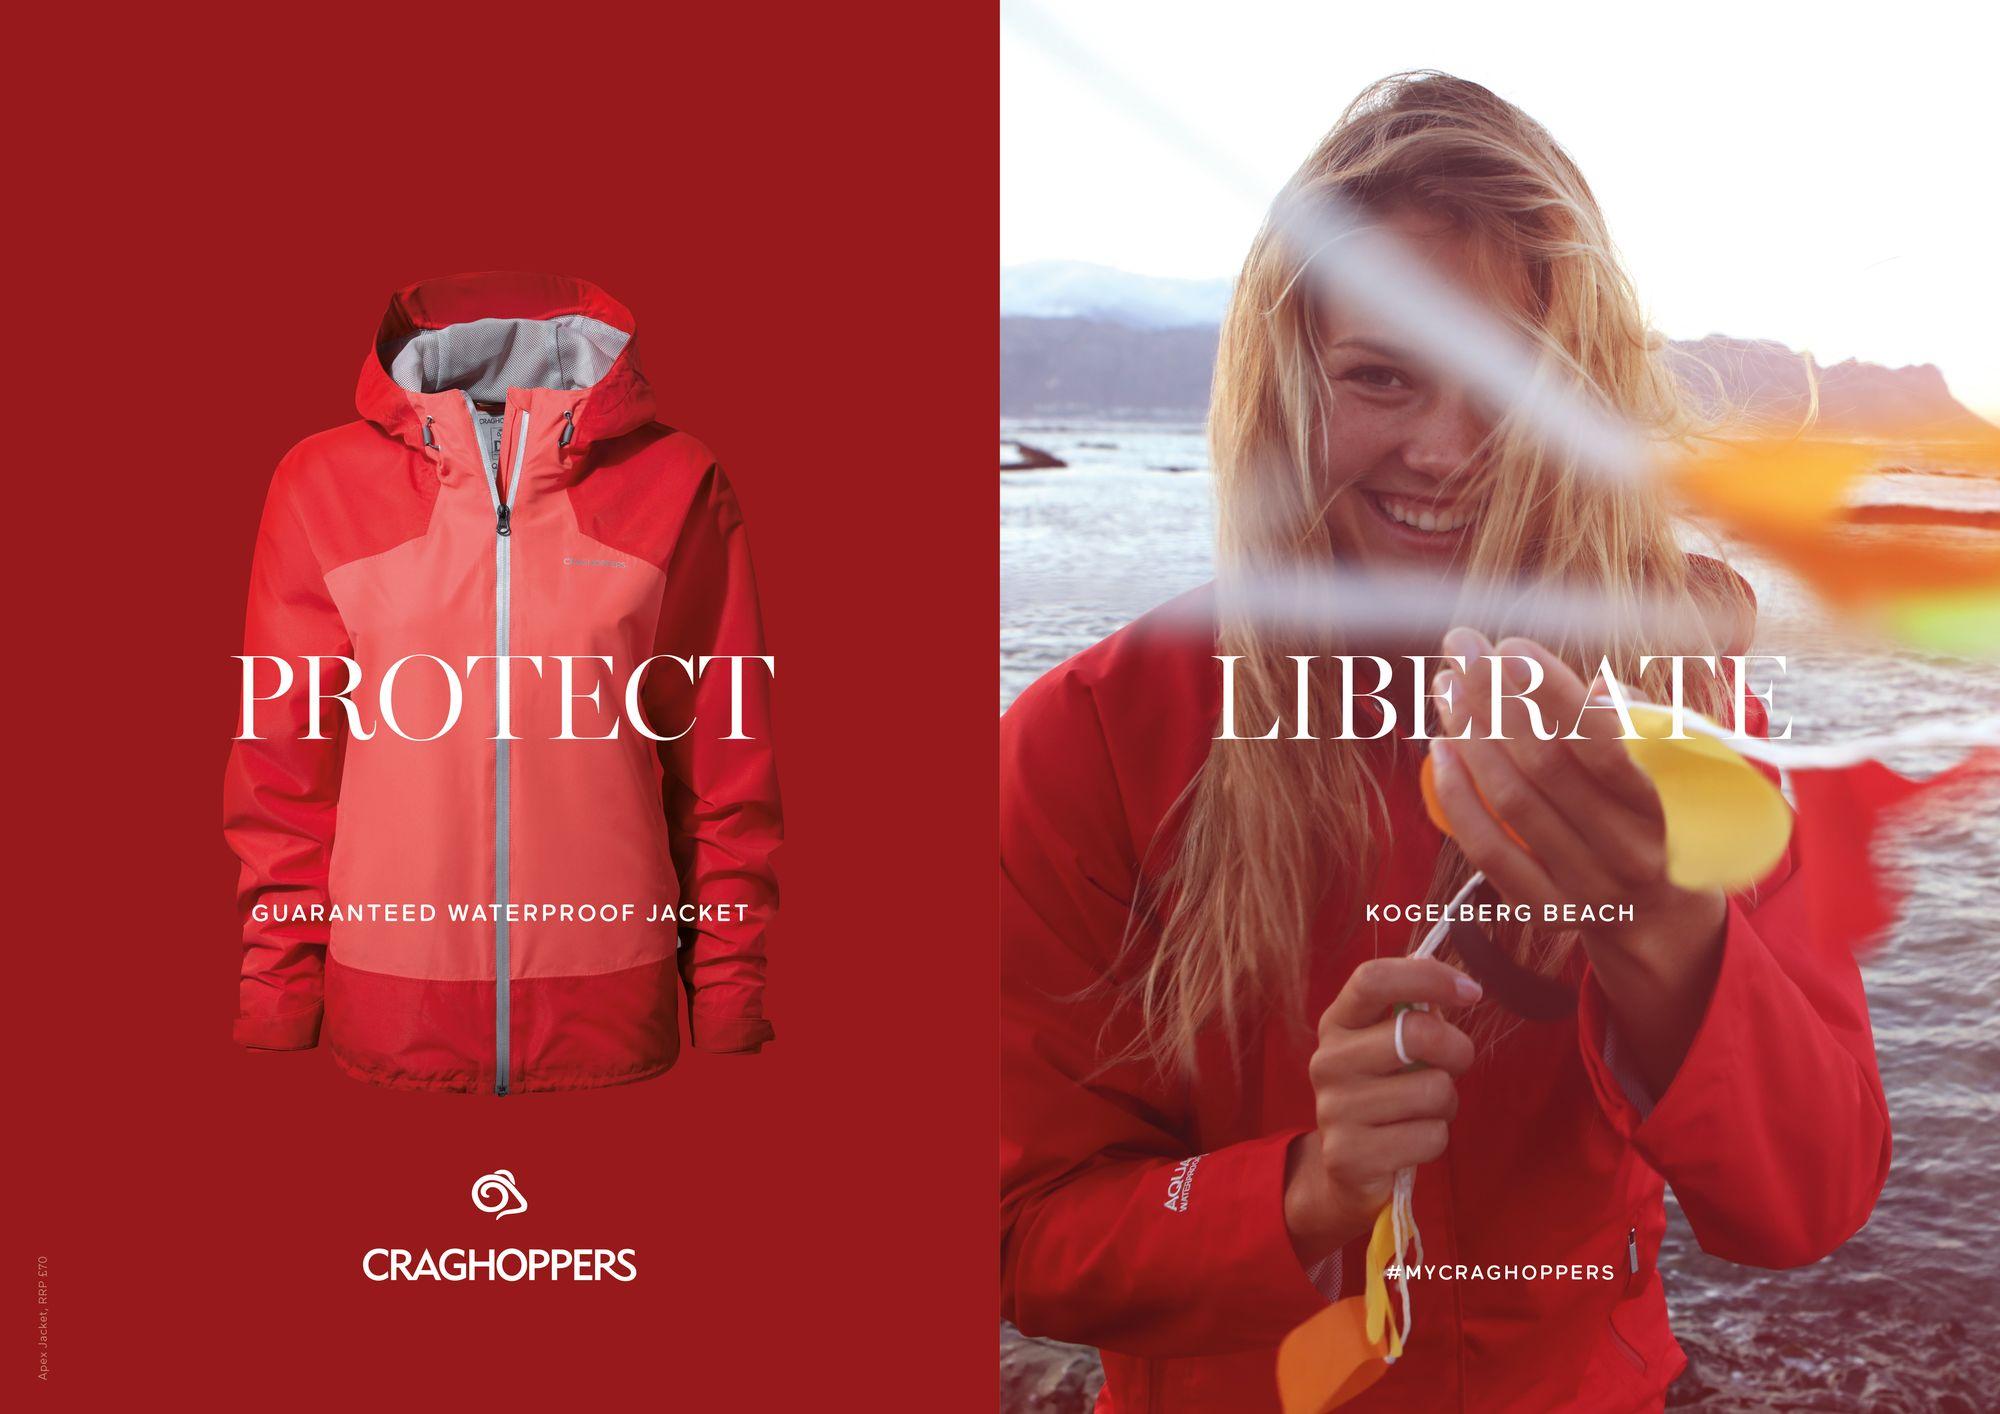 Craghoppers – angielska marka podróżnicza – od teraz dostępna w Polsce